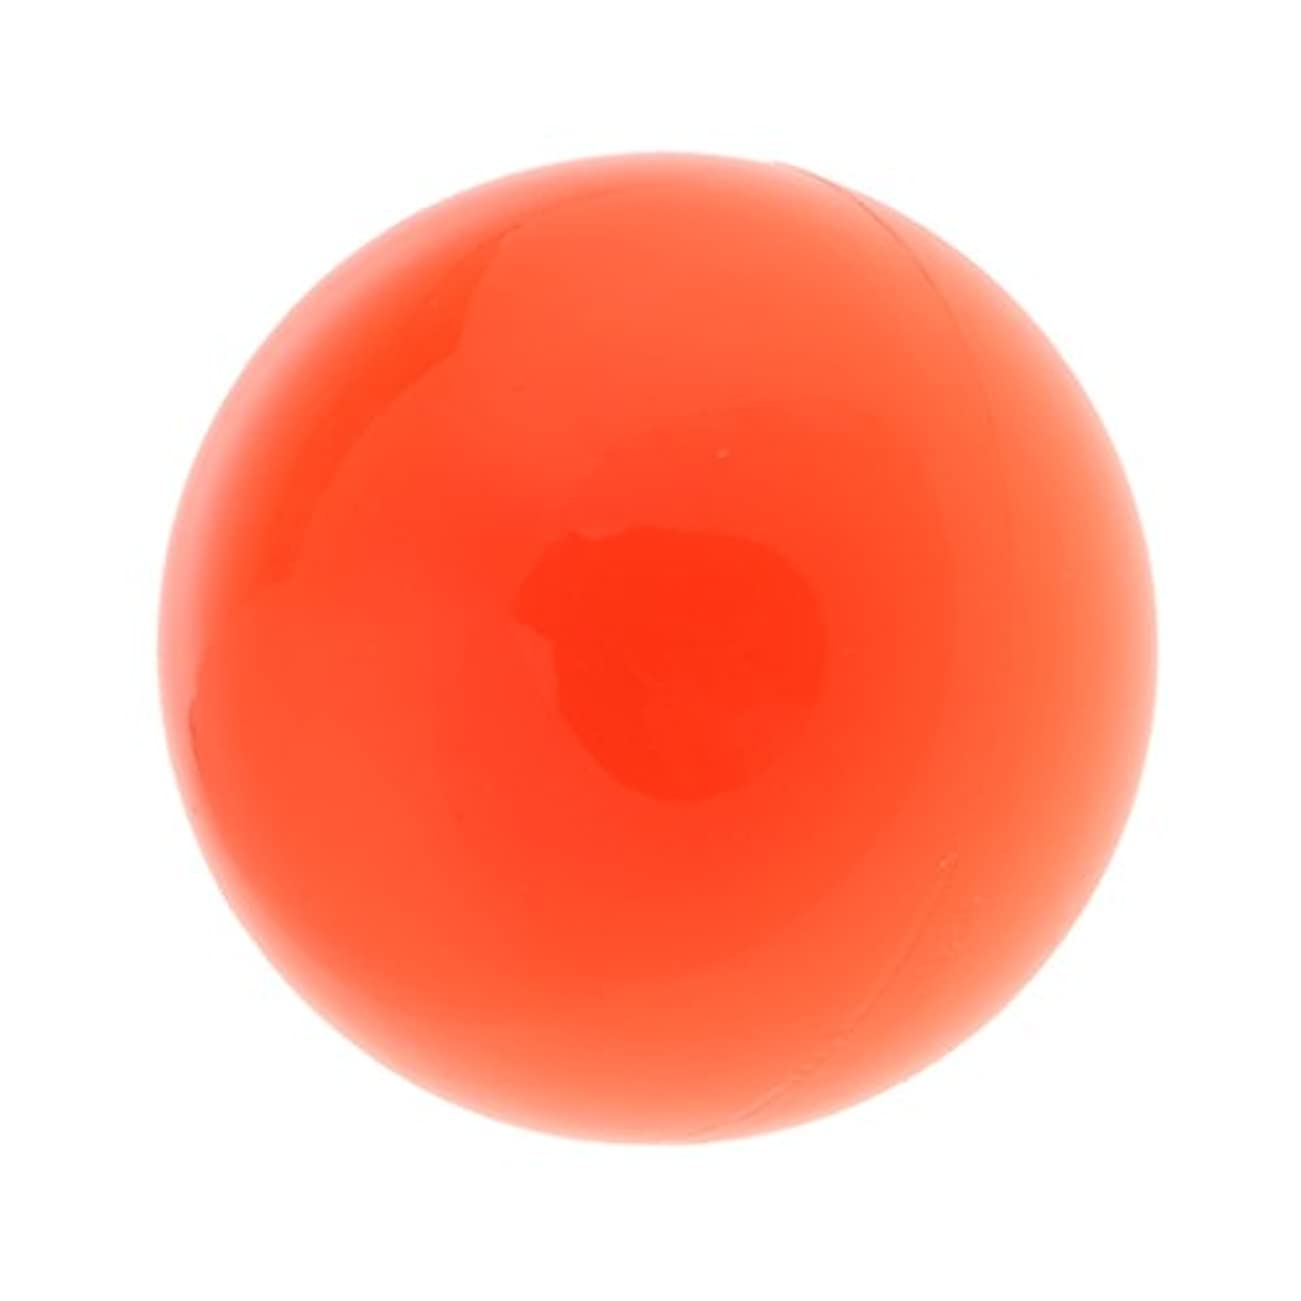 かなり消化流産ラクロスマッサージボール マッサージボール マッサージ 手のひら 足 腕 首 背中 足首 ジム ホーム 便利 オレンジ